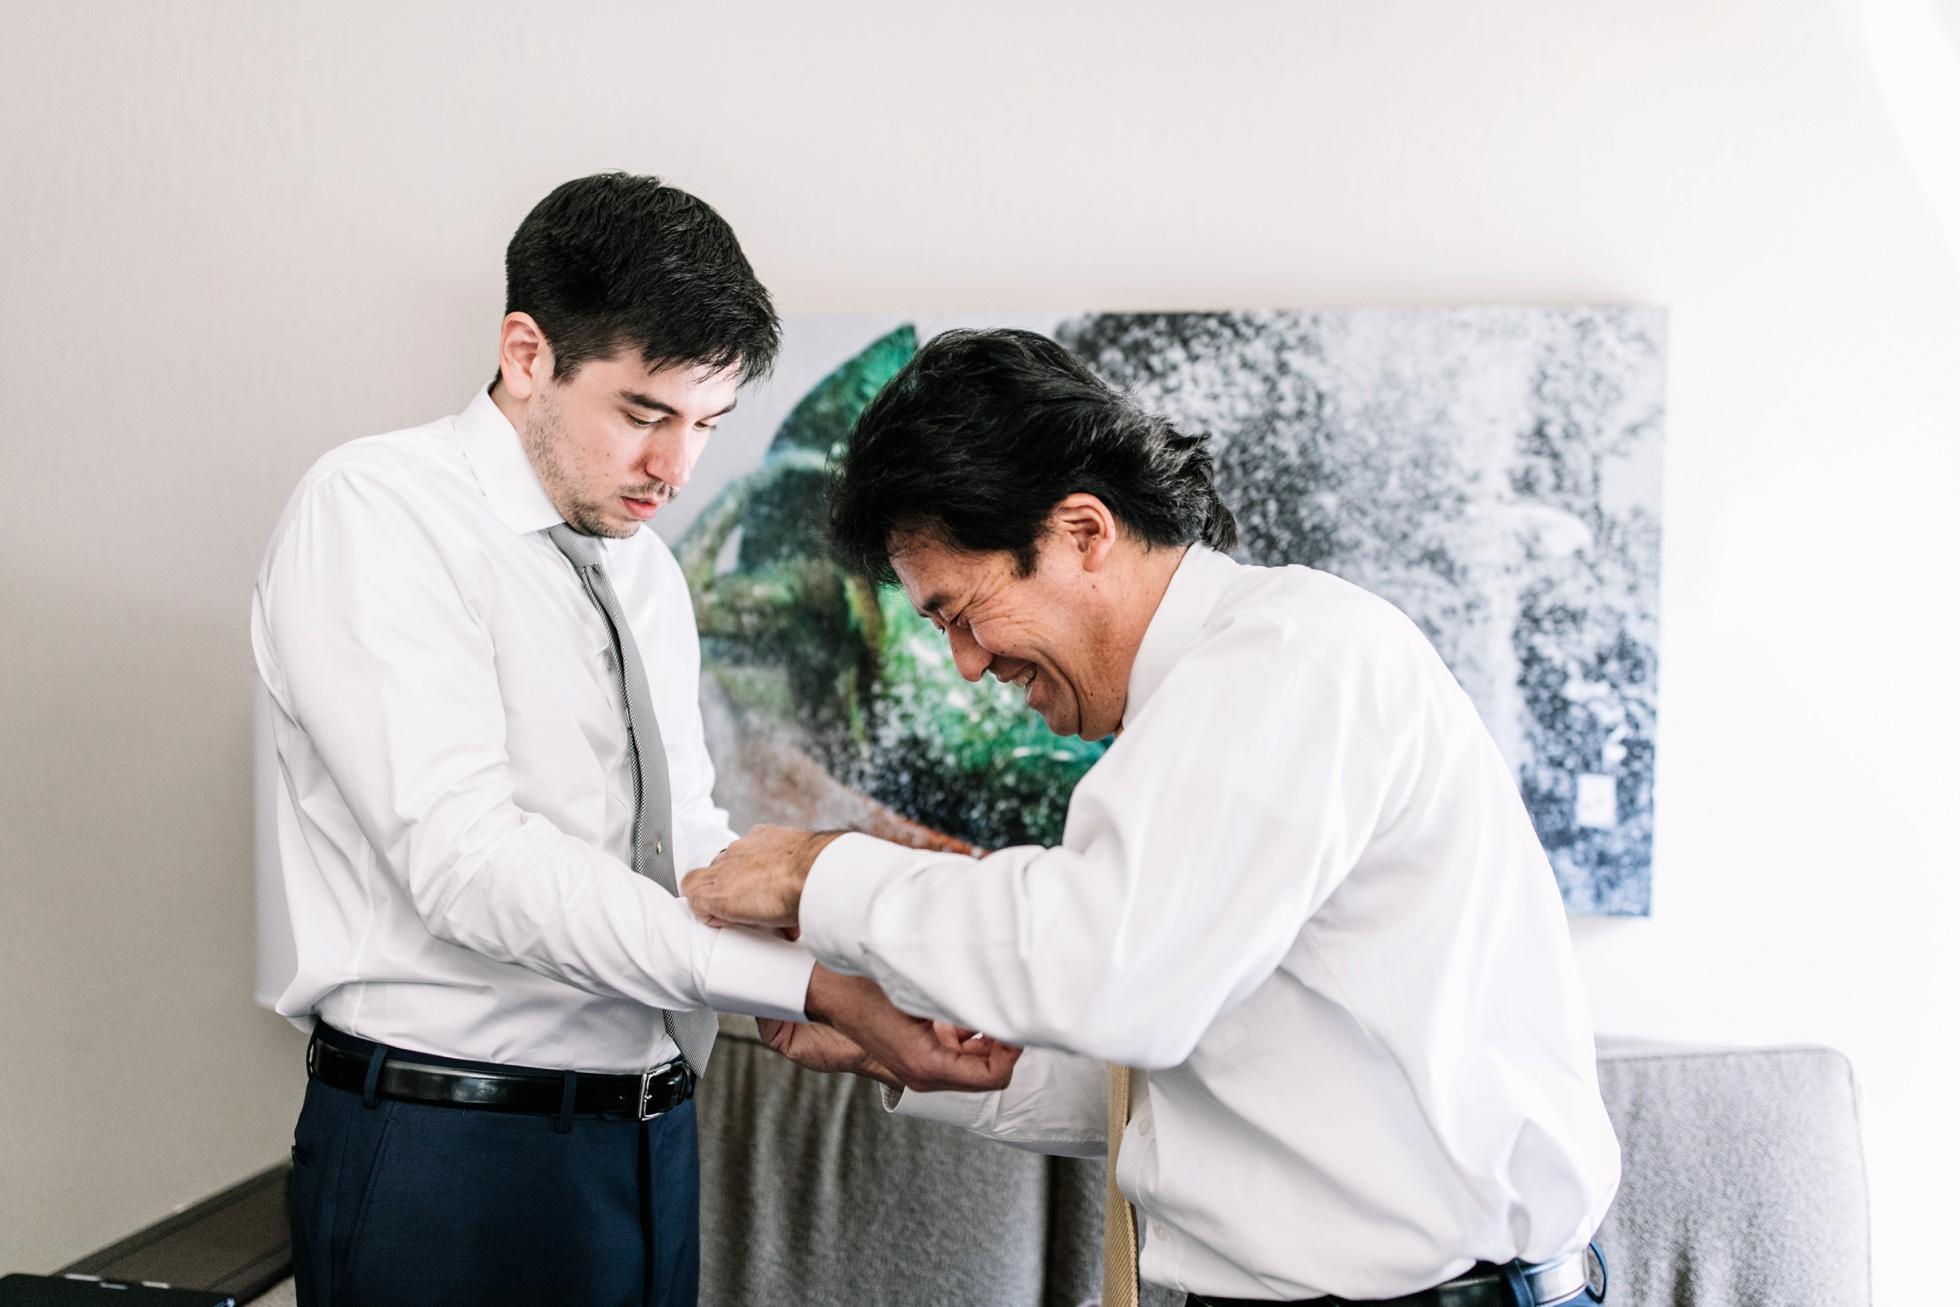 Wedding photos groom getting ready